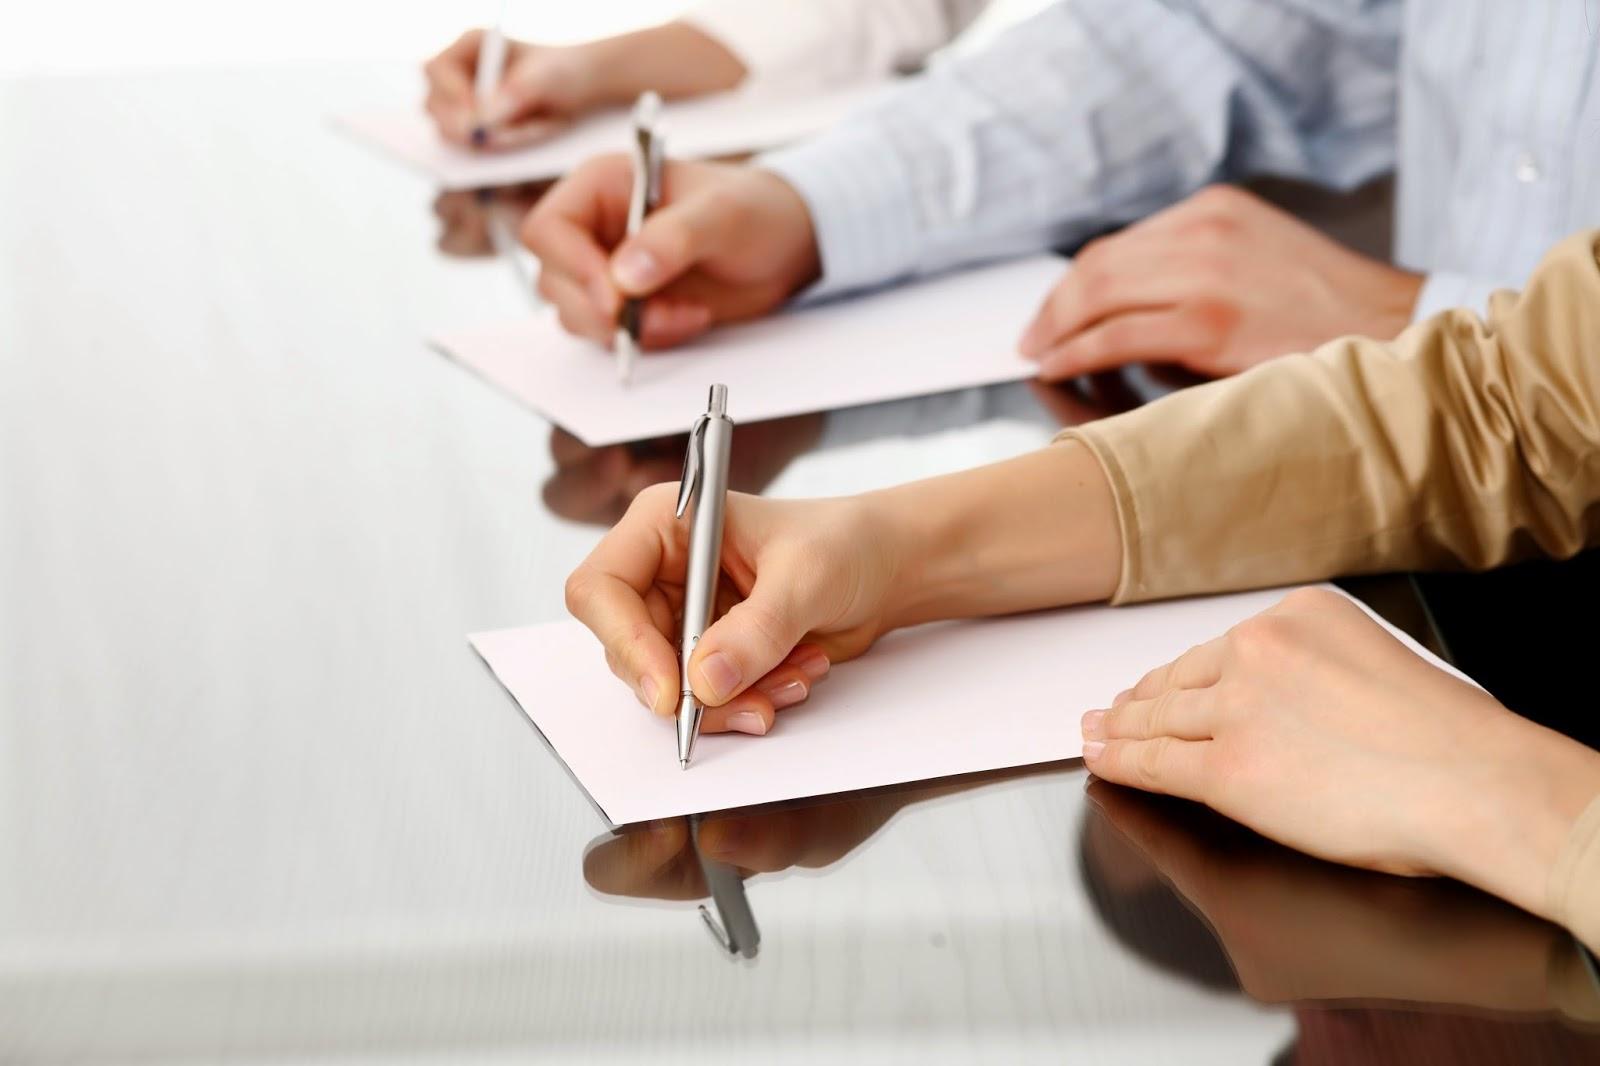 Nghĩ về chuyện cầm bút và bồi bút